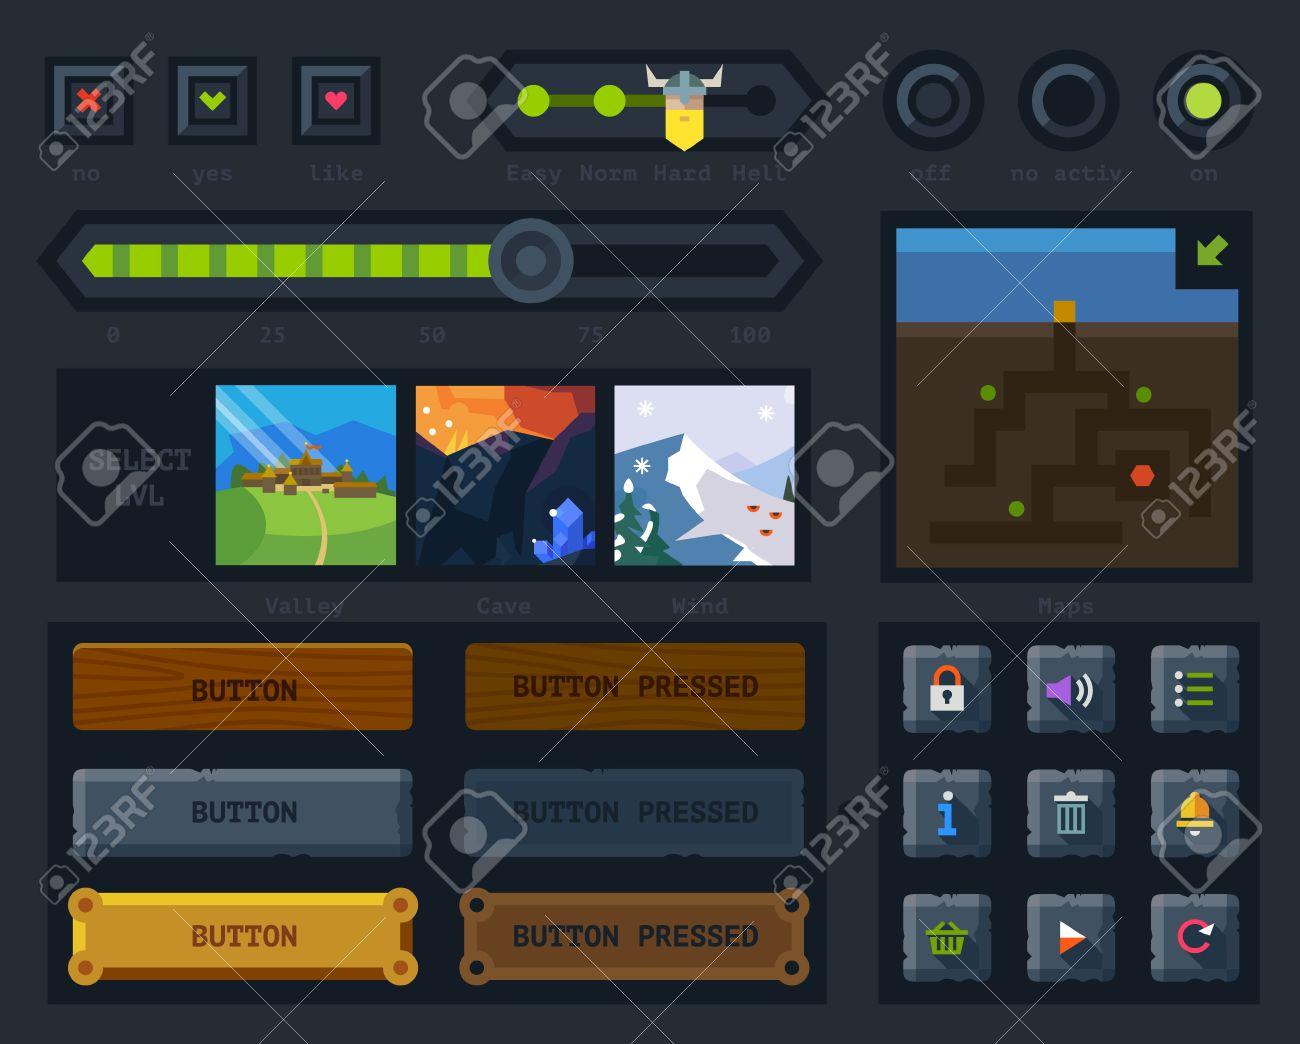 Banque d images - L interface utilisateur pour le jeu  touches de carte et d icônes  contrôles et réglages des niveaux. Appartement style vecteur 75643d2e8083